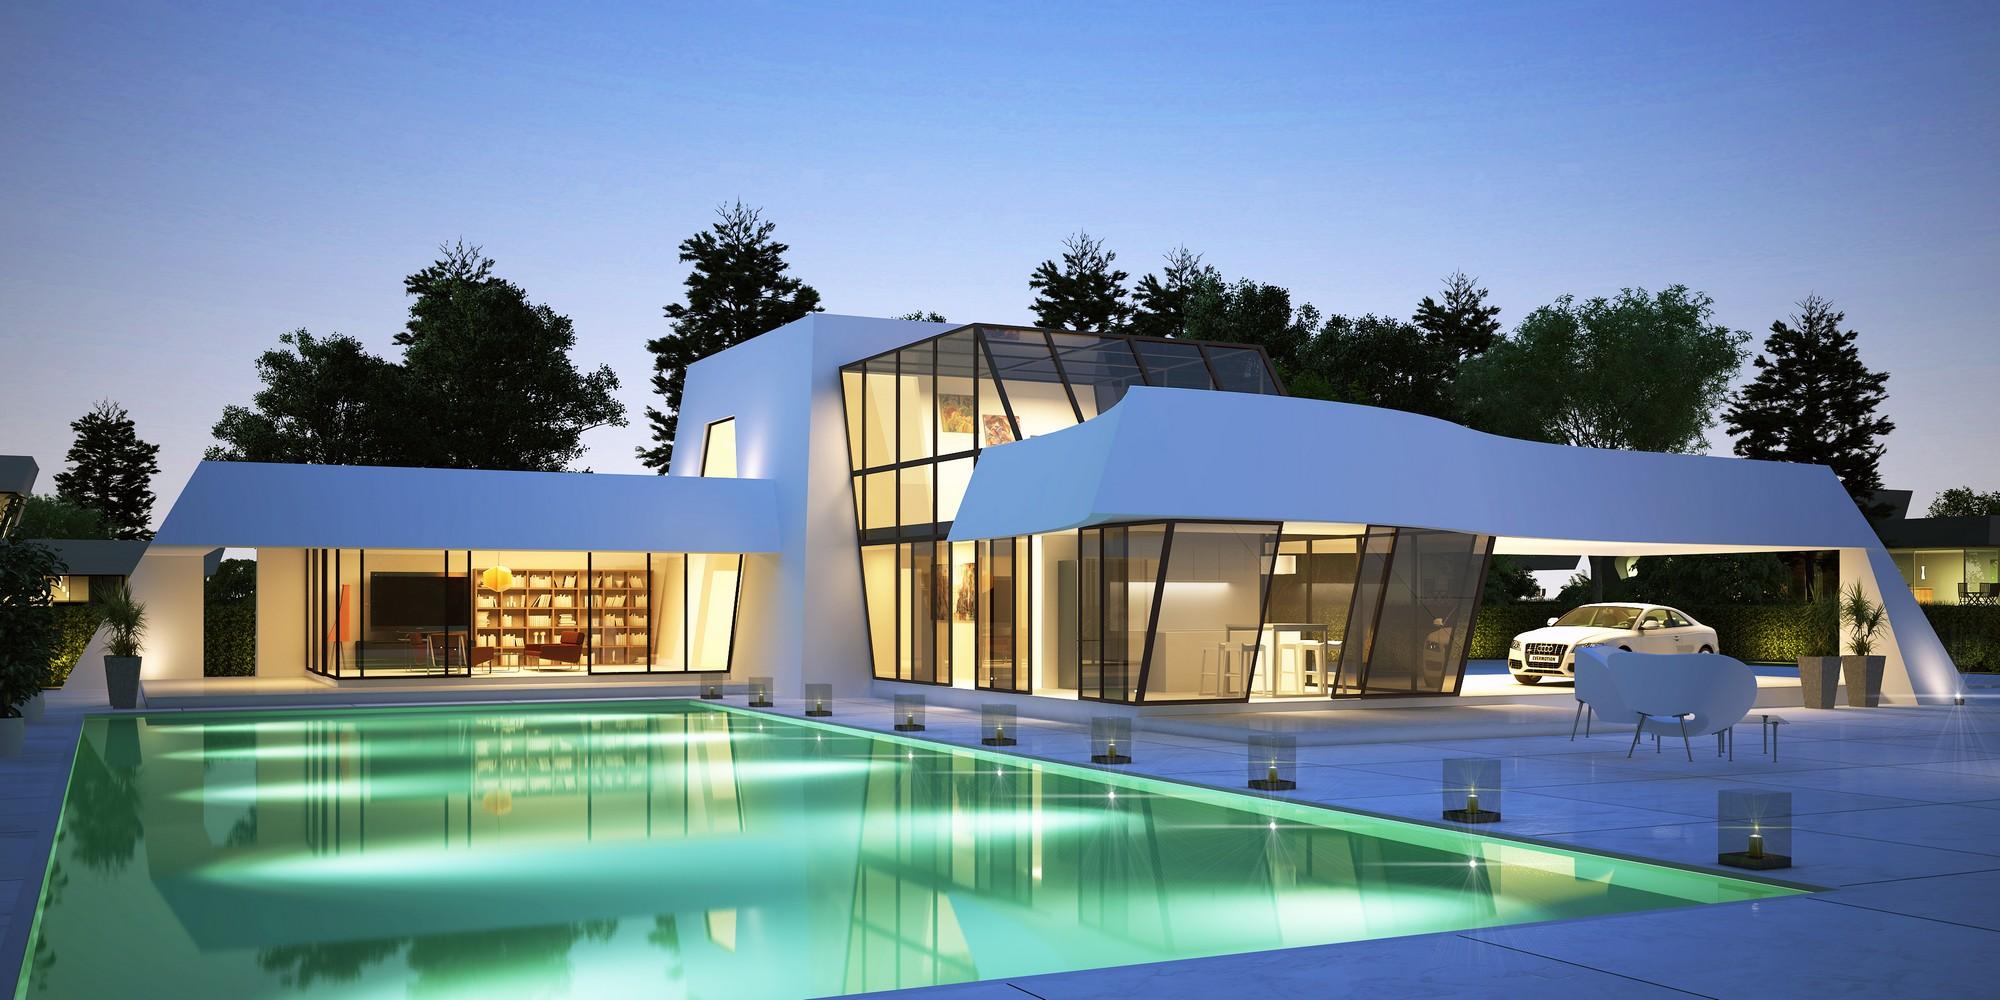 Casas de lujo que te dar n ideas para la reforma de tu piso for Casas con piscina en malaga